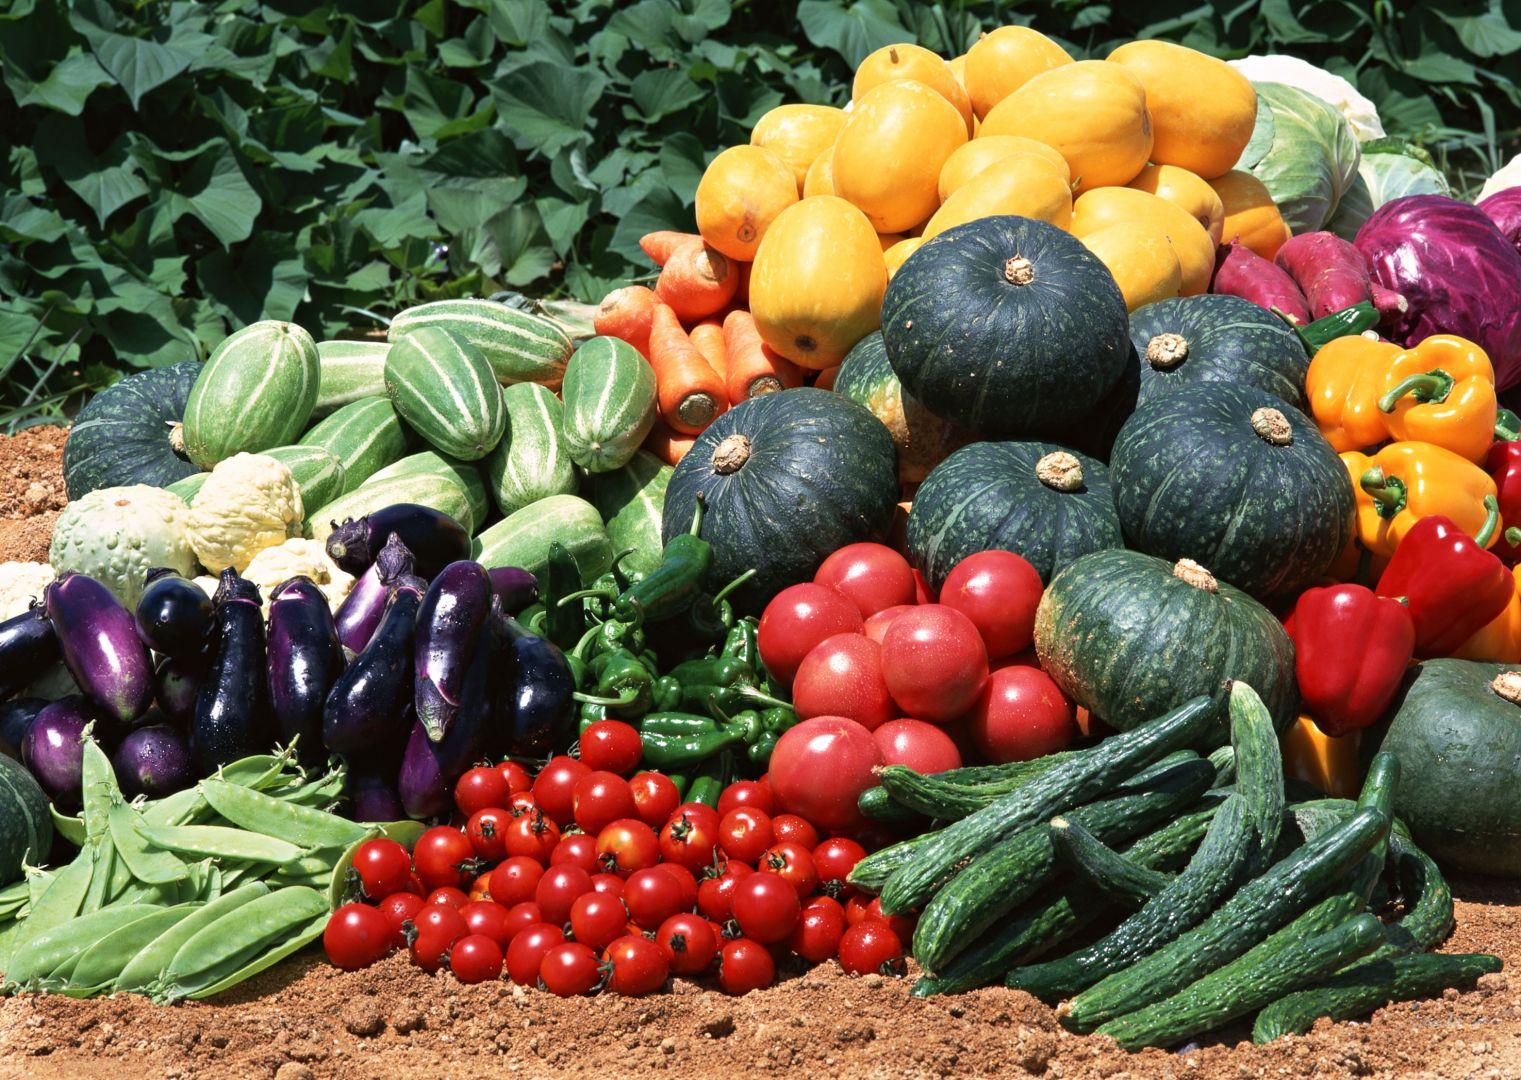 Выращиванием овощей и зерновых культур займутся александровские и ипатовские инвесторы